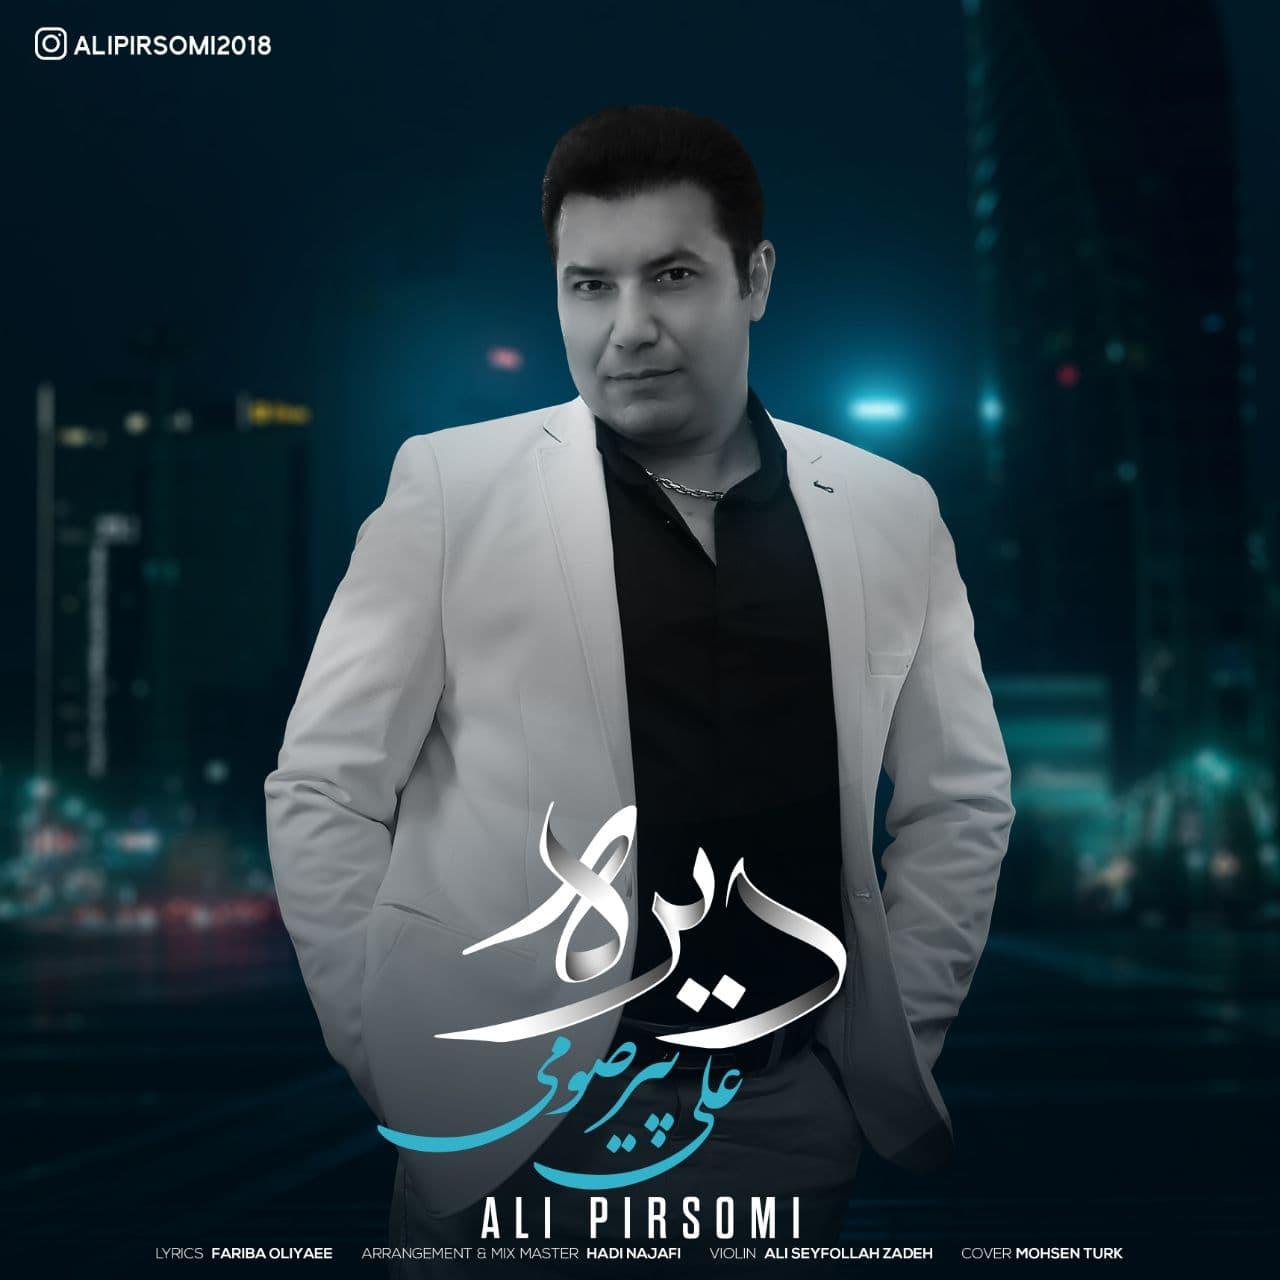 دانلود آهنگ دیره از علی پیرصومی